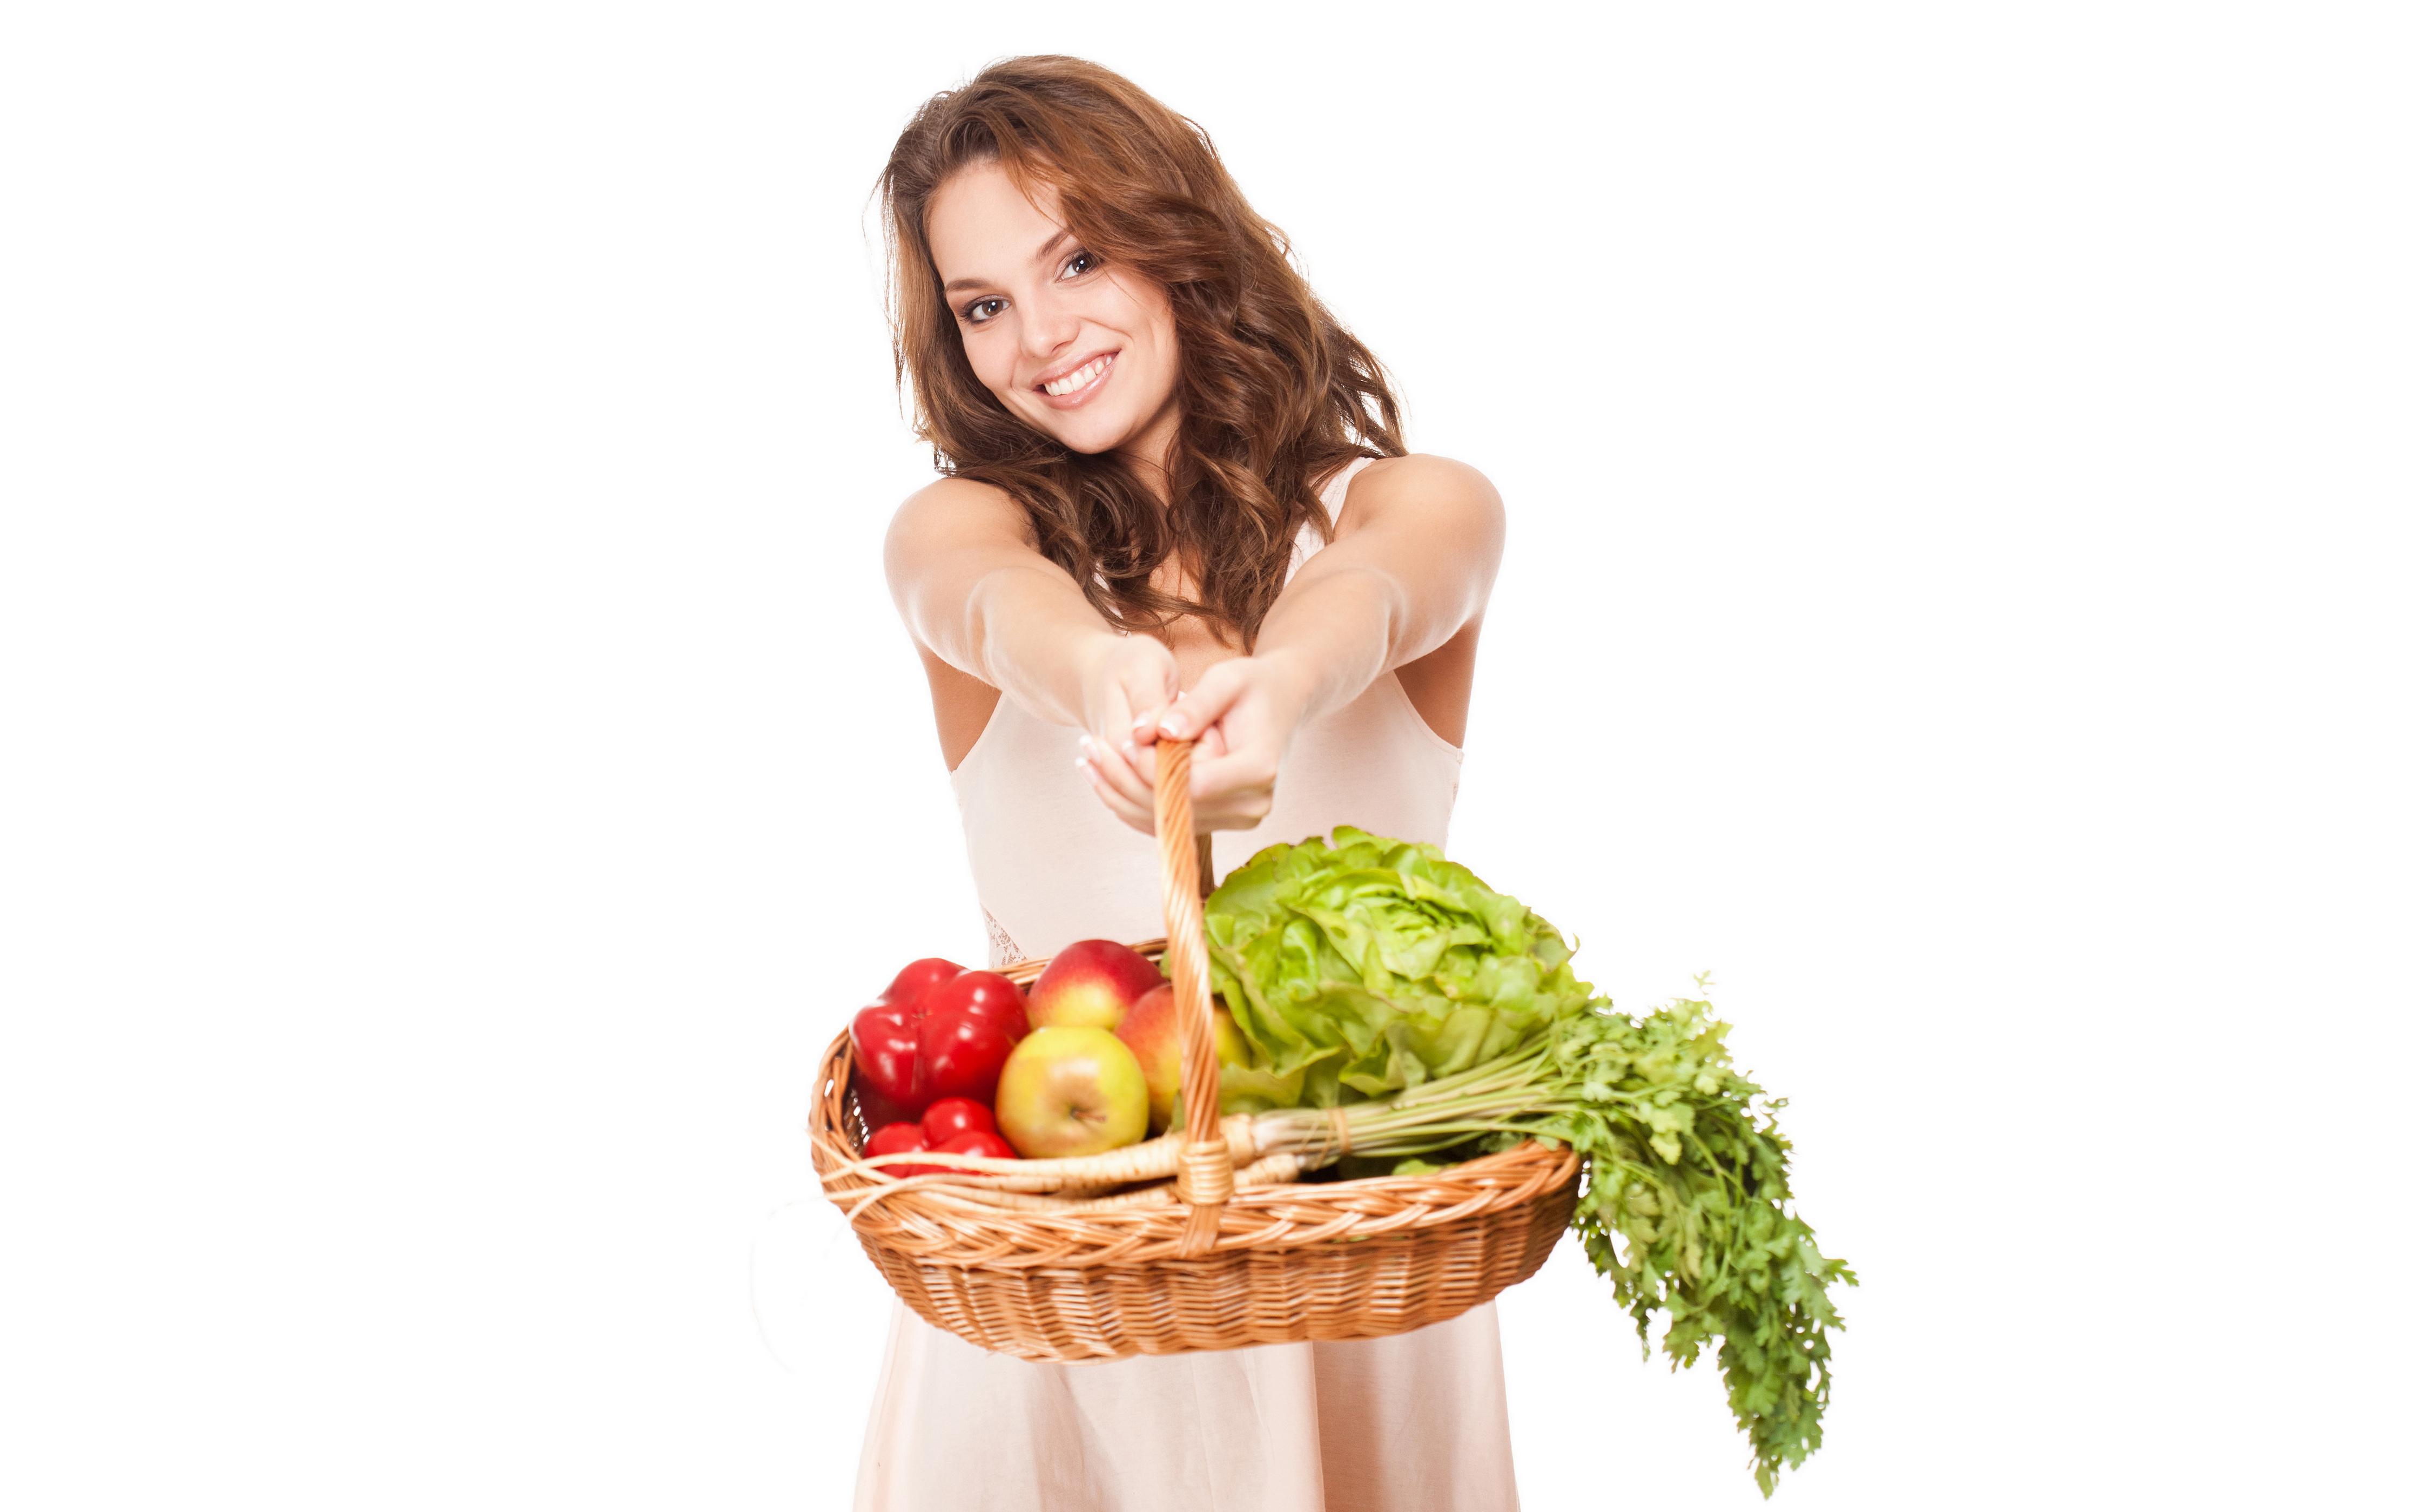 Здоровые Диеты Для Моделей. Секреты диеты моделей